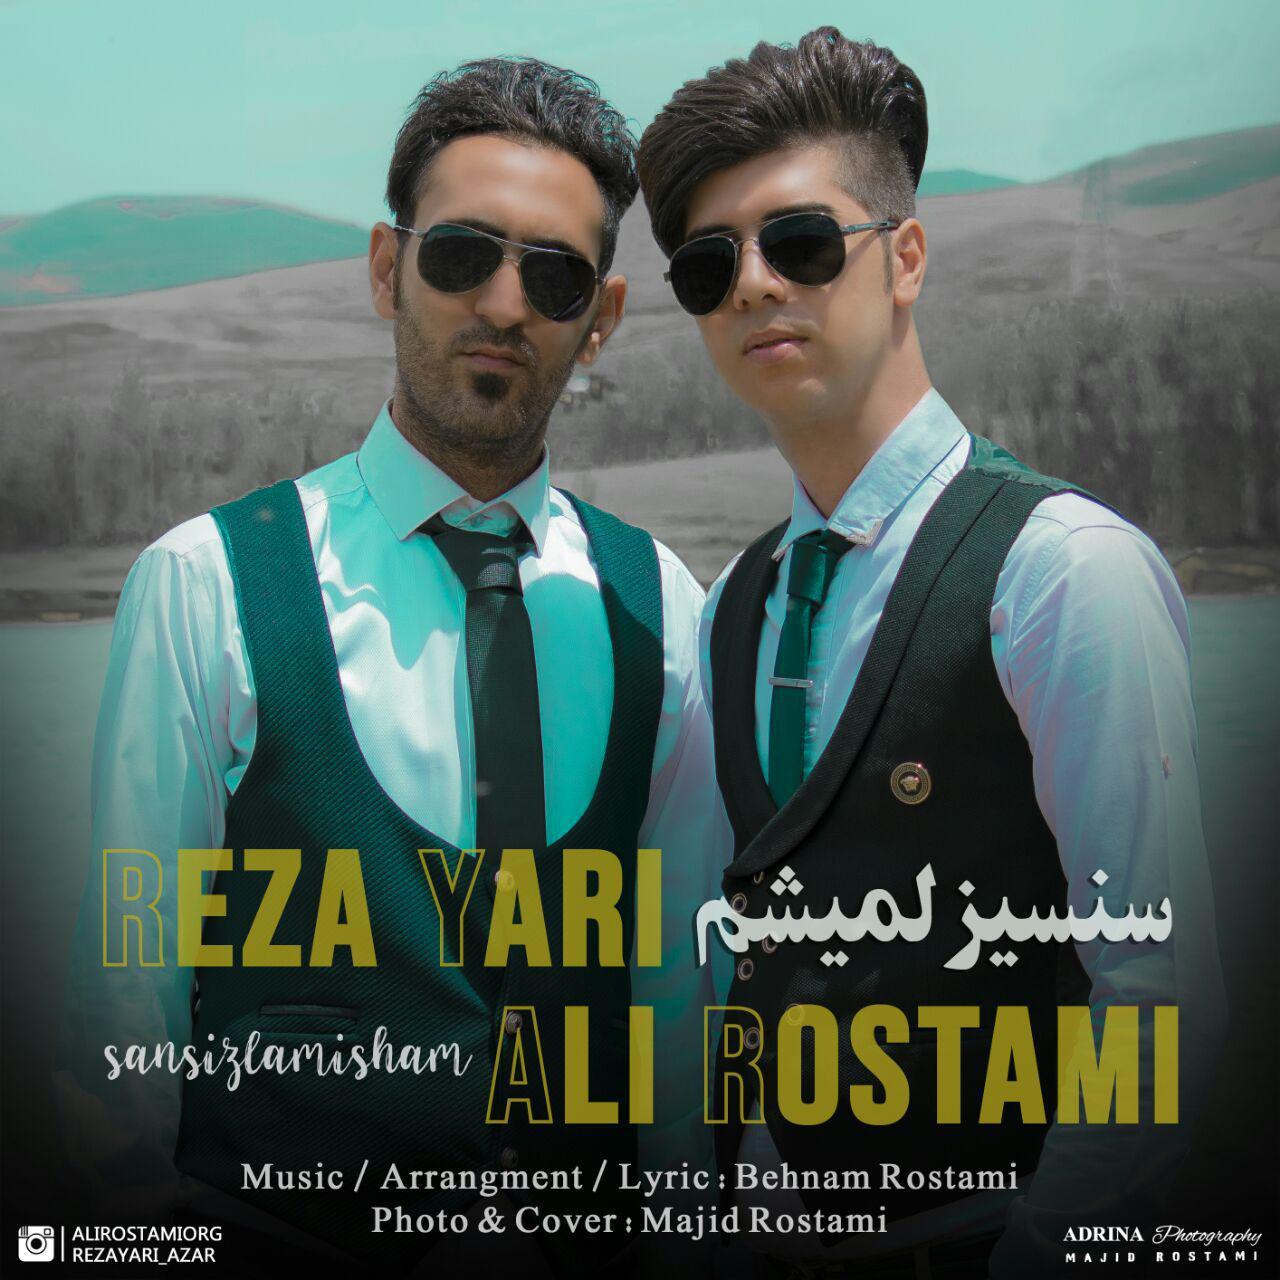 http://s9.picofile.com/file/8366234292/11Ali_Rostami_Feat_Reza_Yari_Sansizlamisham.jpg